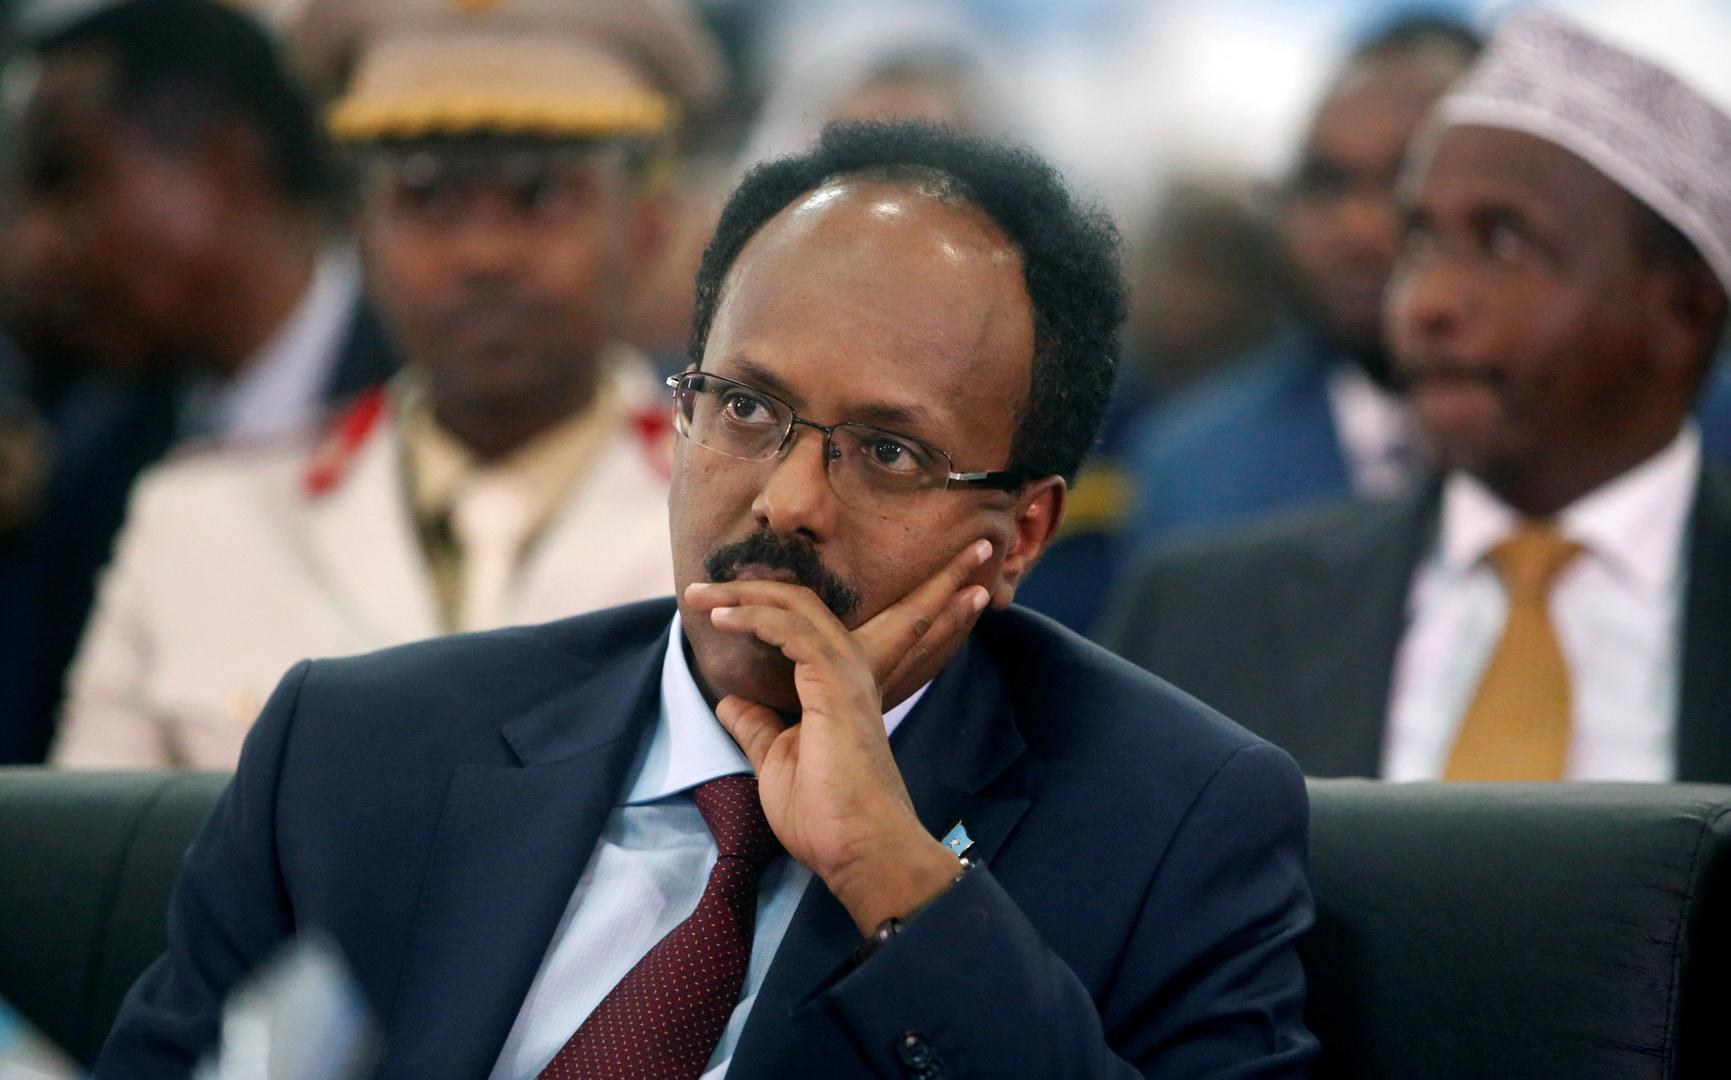 اتفاق في الصومال على حل الخلافات وتسريع العملية الانتخابية